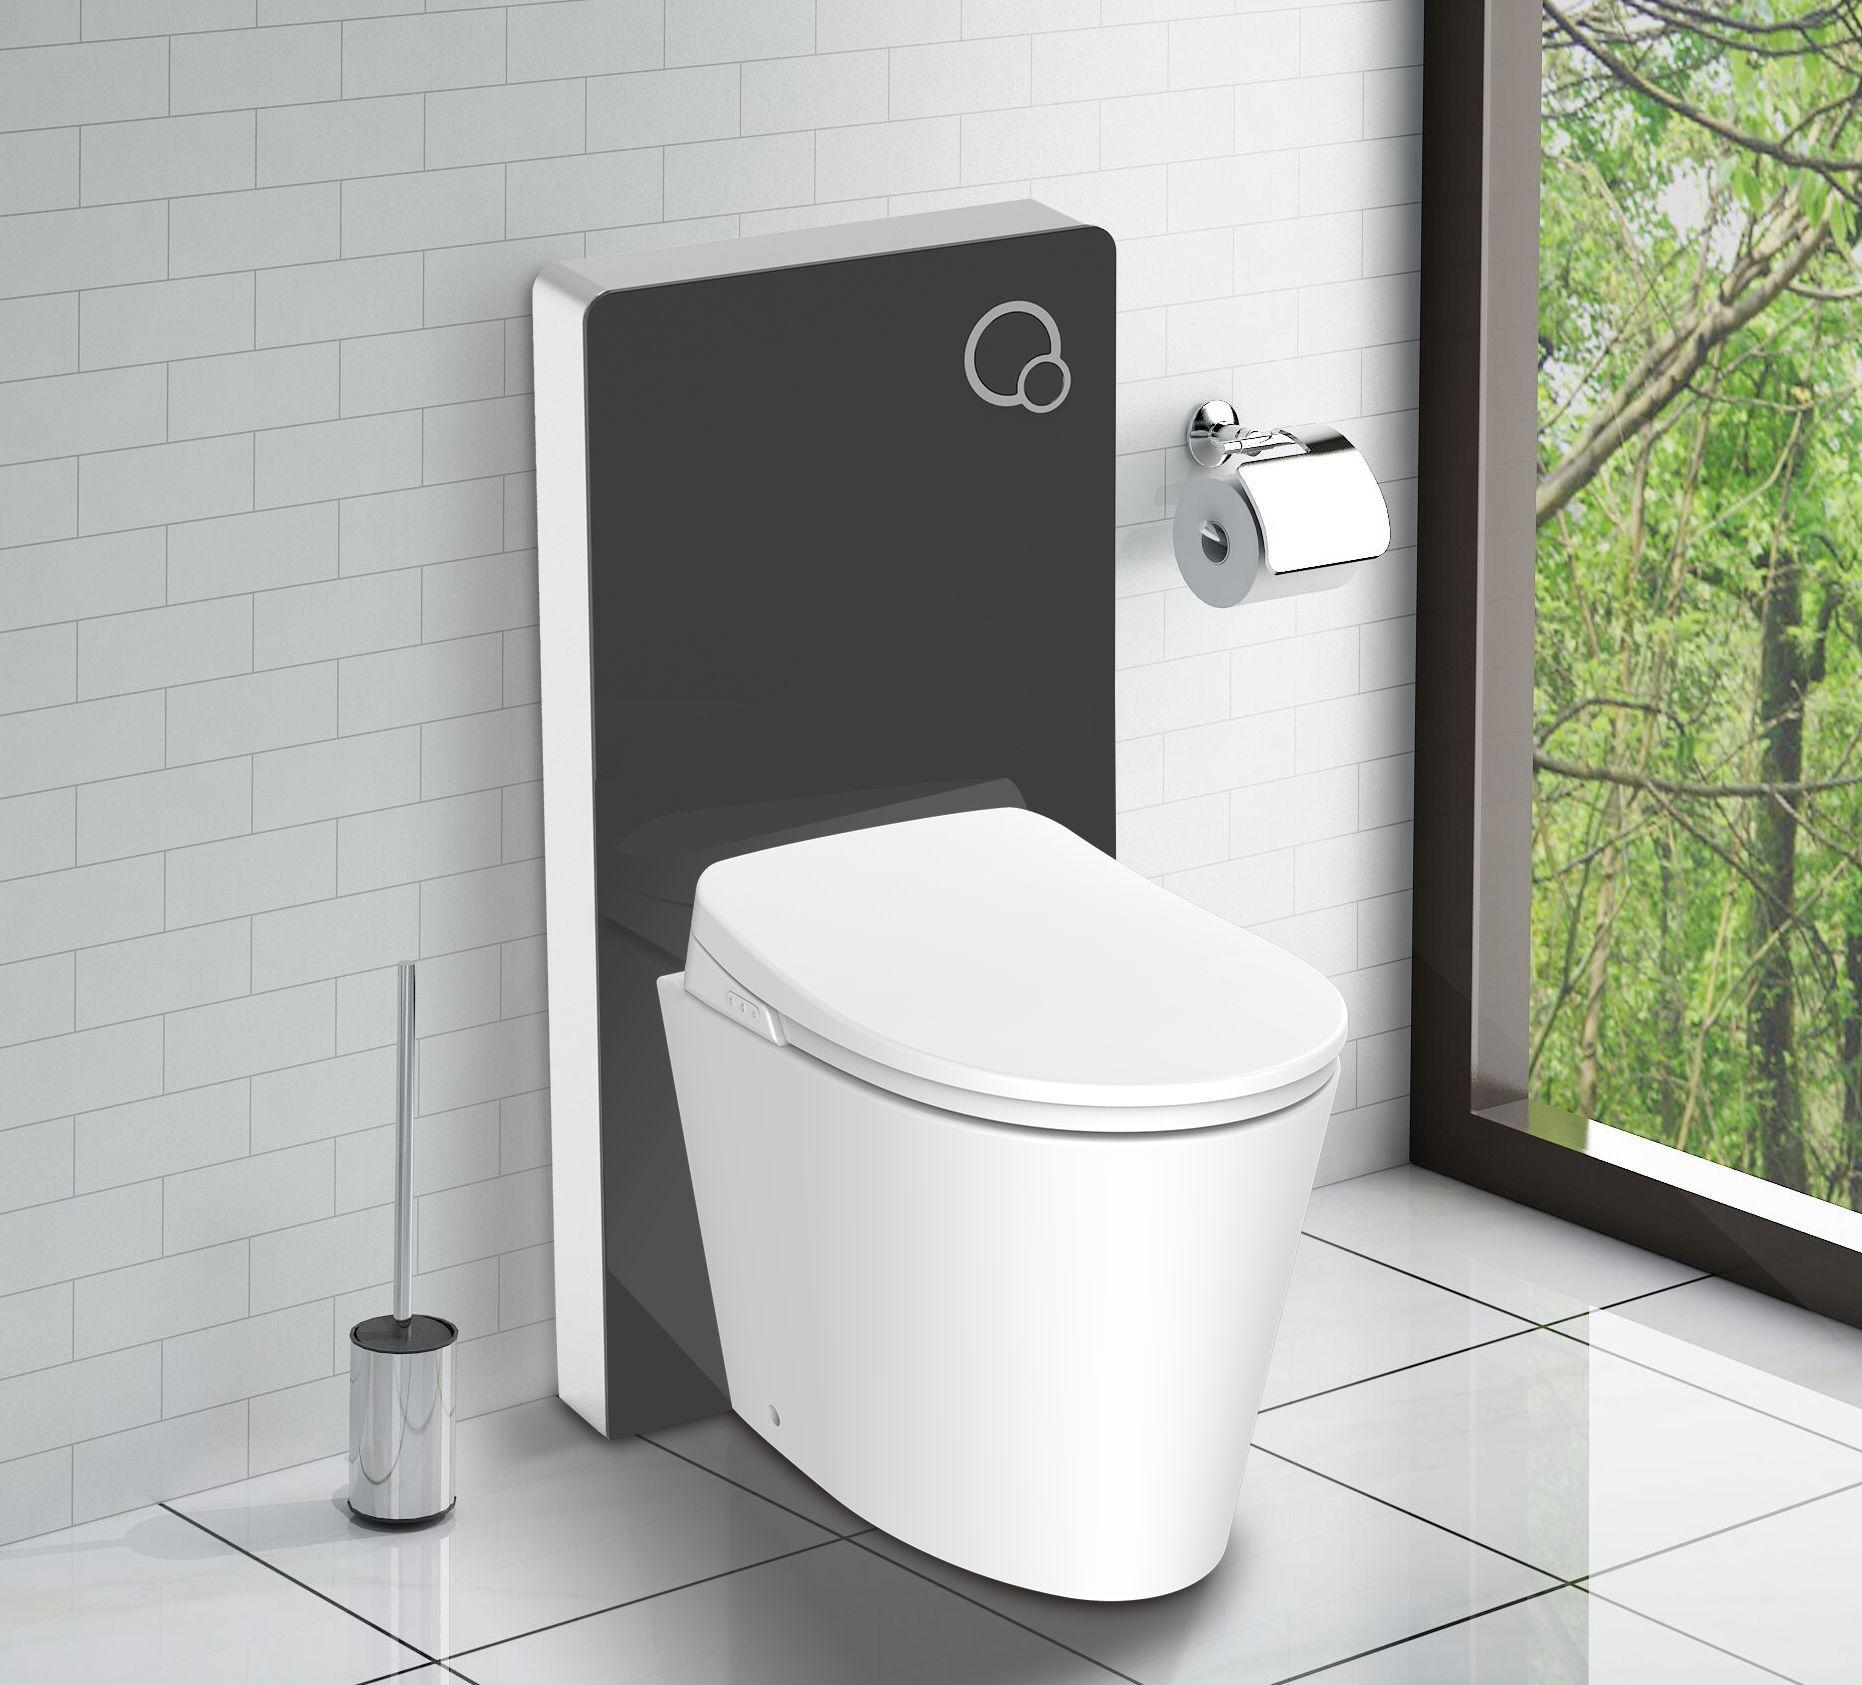 Schwarzglas Sanitärmodul für Stand-WC inkl. Betätigungsplatte